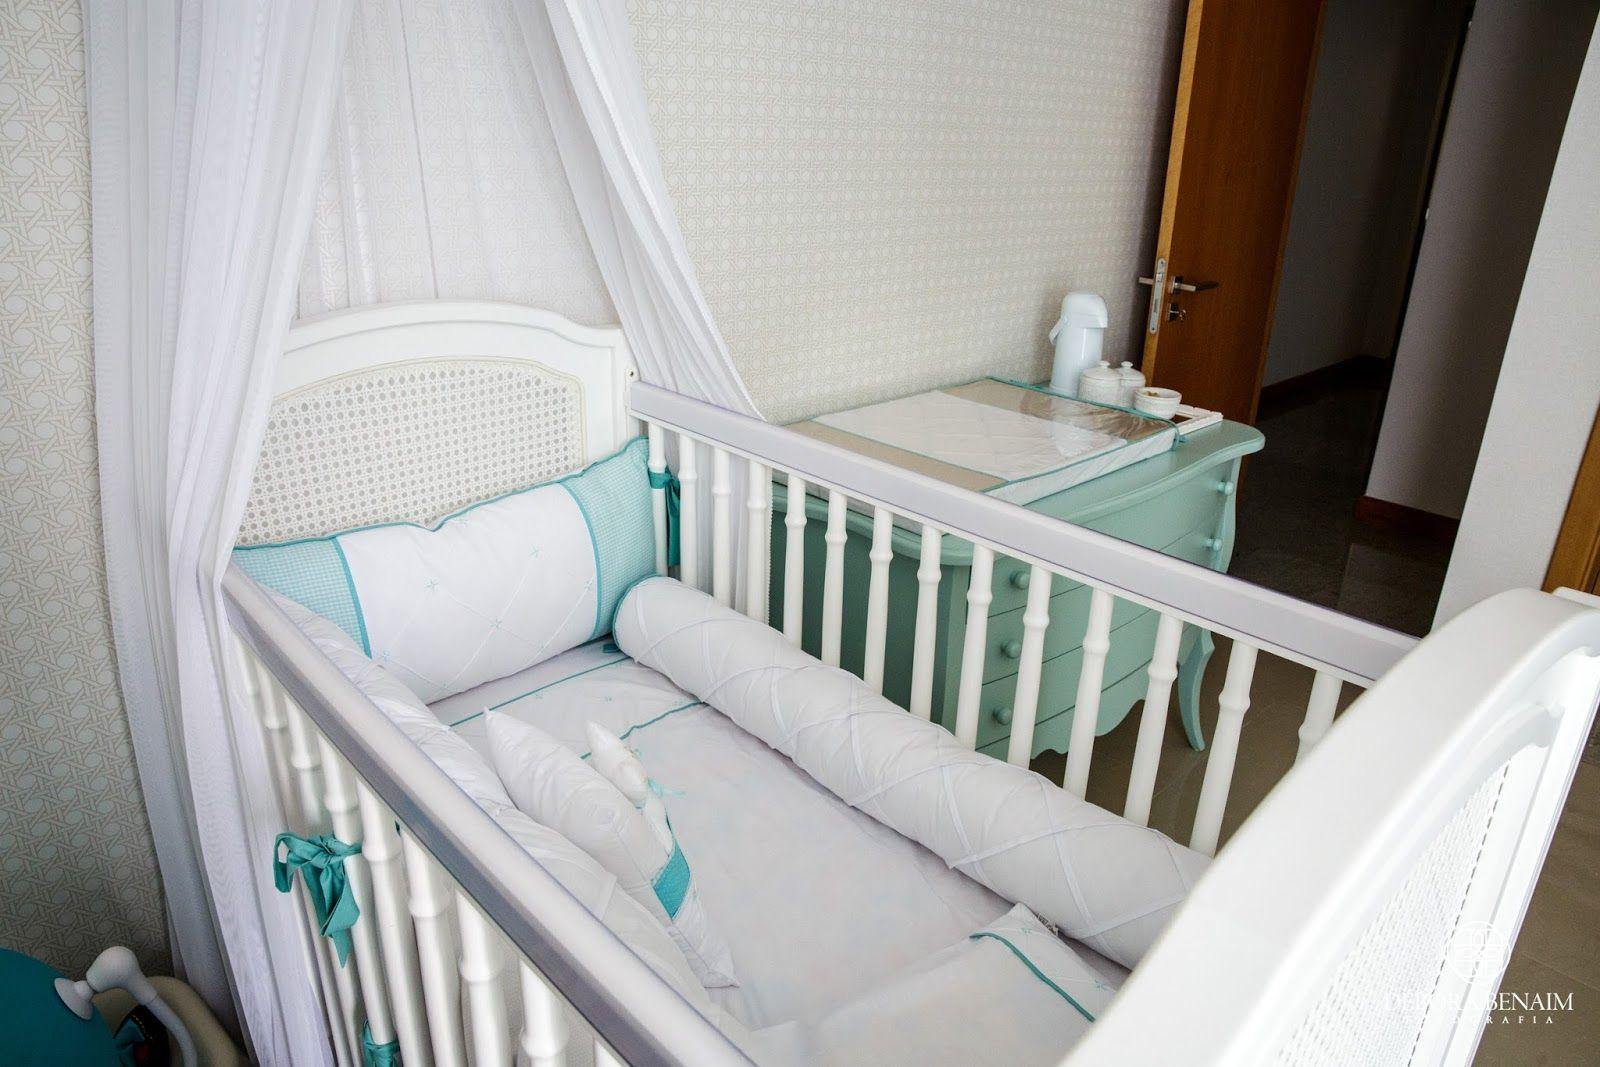 Lençol e Kit berço lindo em  Azul Tiffany neste quarto de bebê  by STUDIO NOBLE SAVAGE